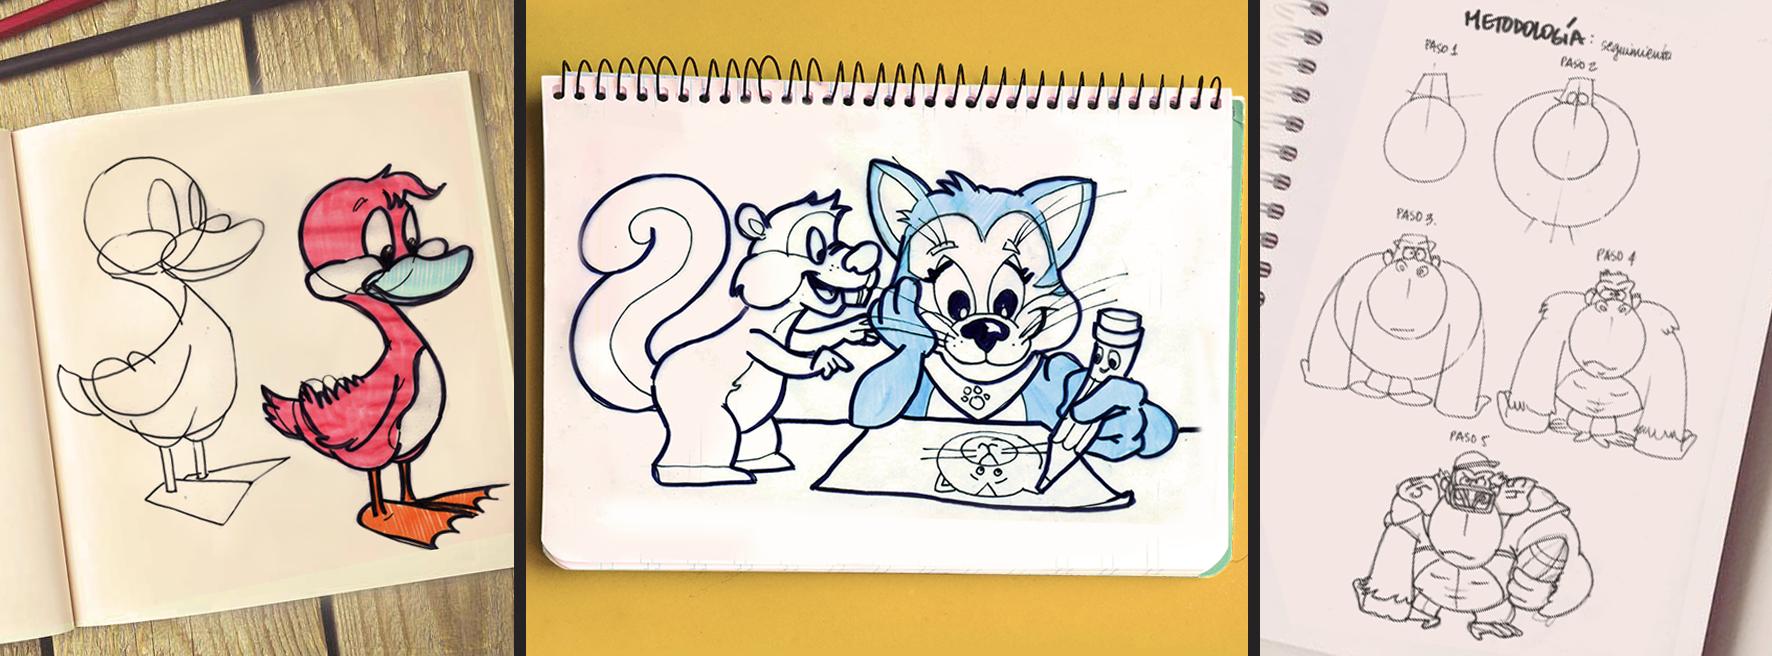 Banner Caricatura de animales para niños general Santa Gráfica online